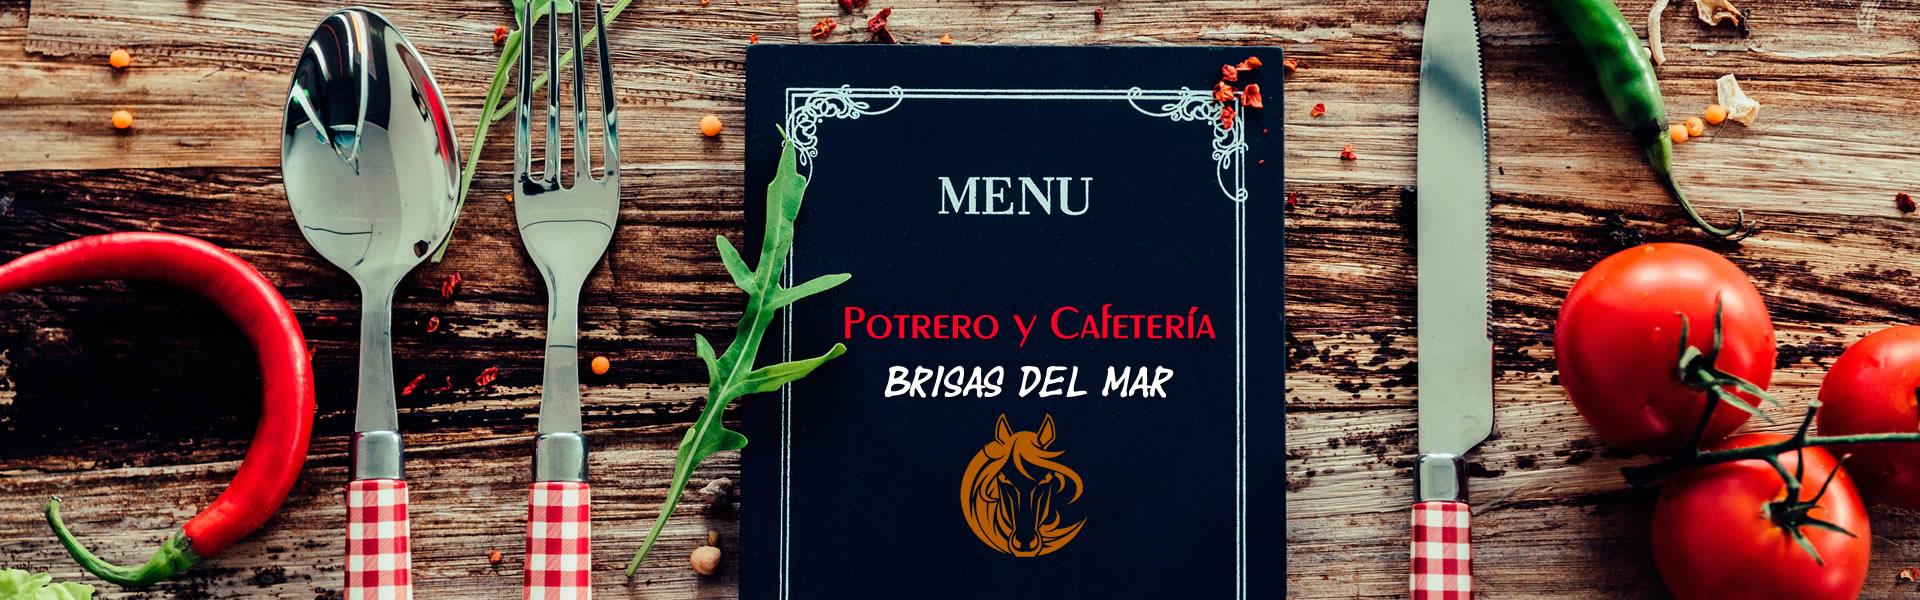 top menu